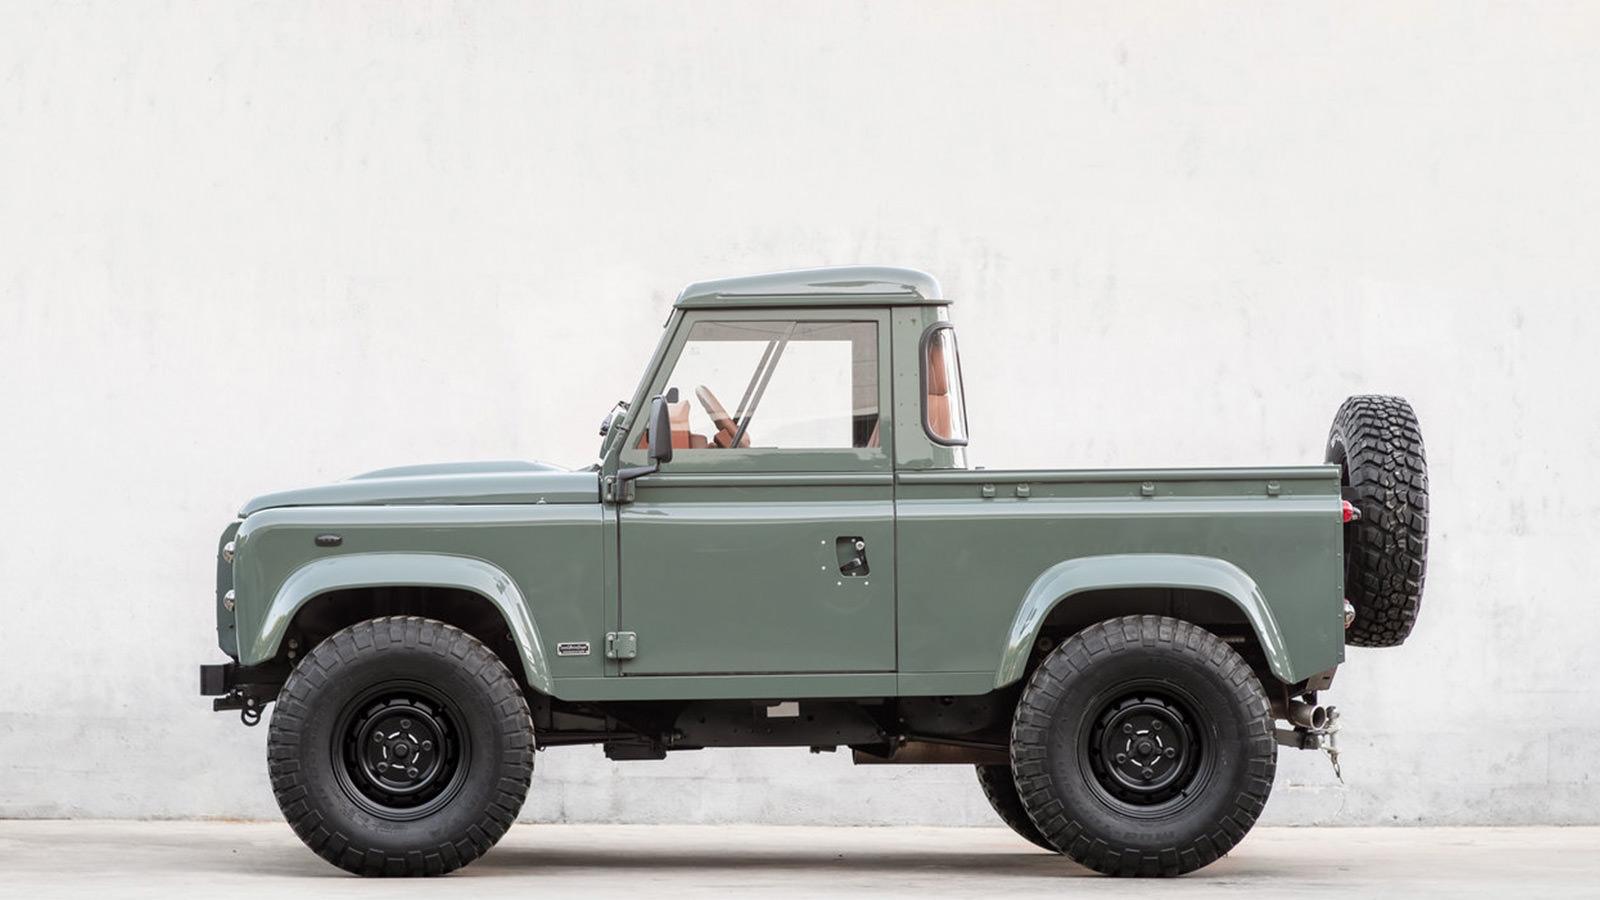 Cool & Vintage Land Rover D90 Pickup